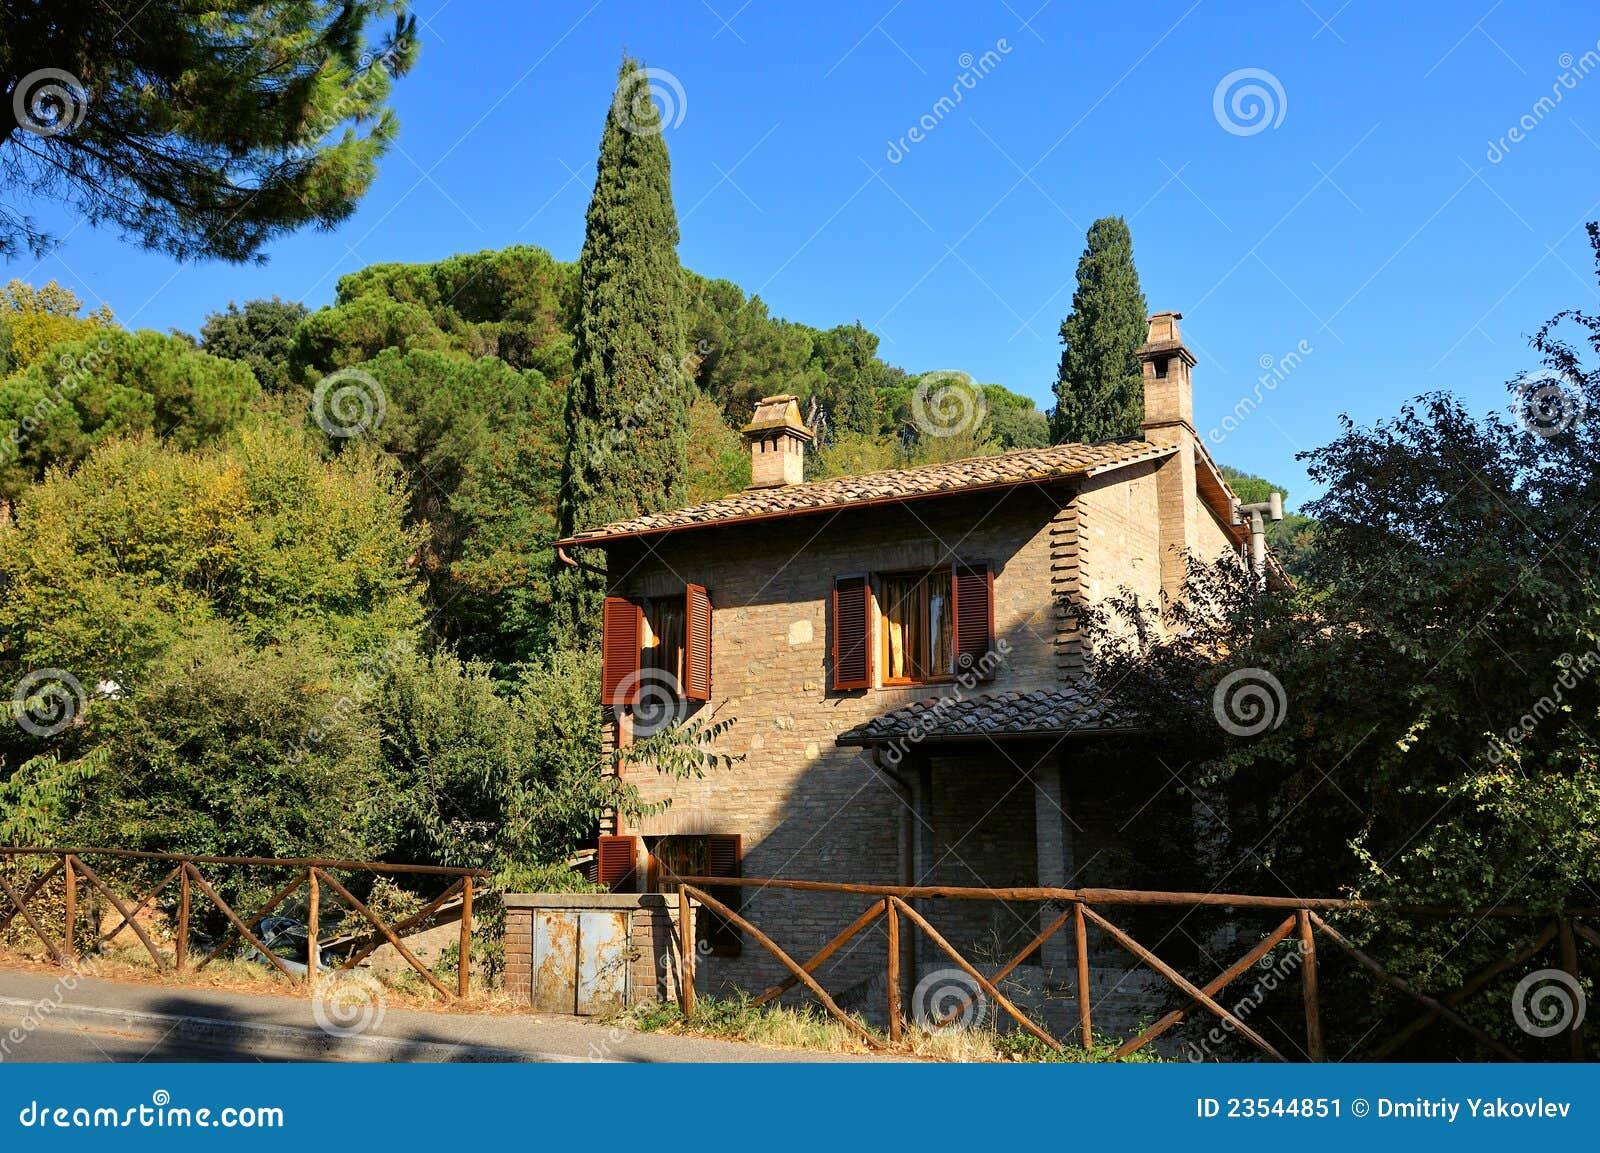 italienisches landwirtschaftliches haus stockbild bild 23544851. Black Bedroom Furniture Sets. Home Design Ideas